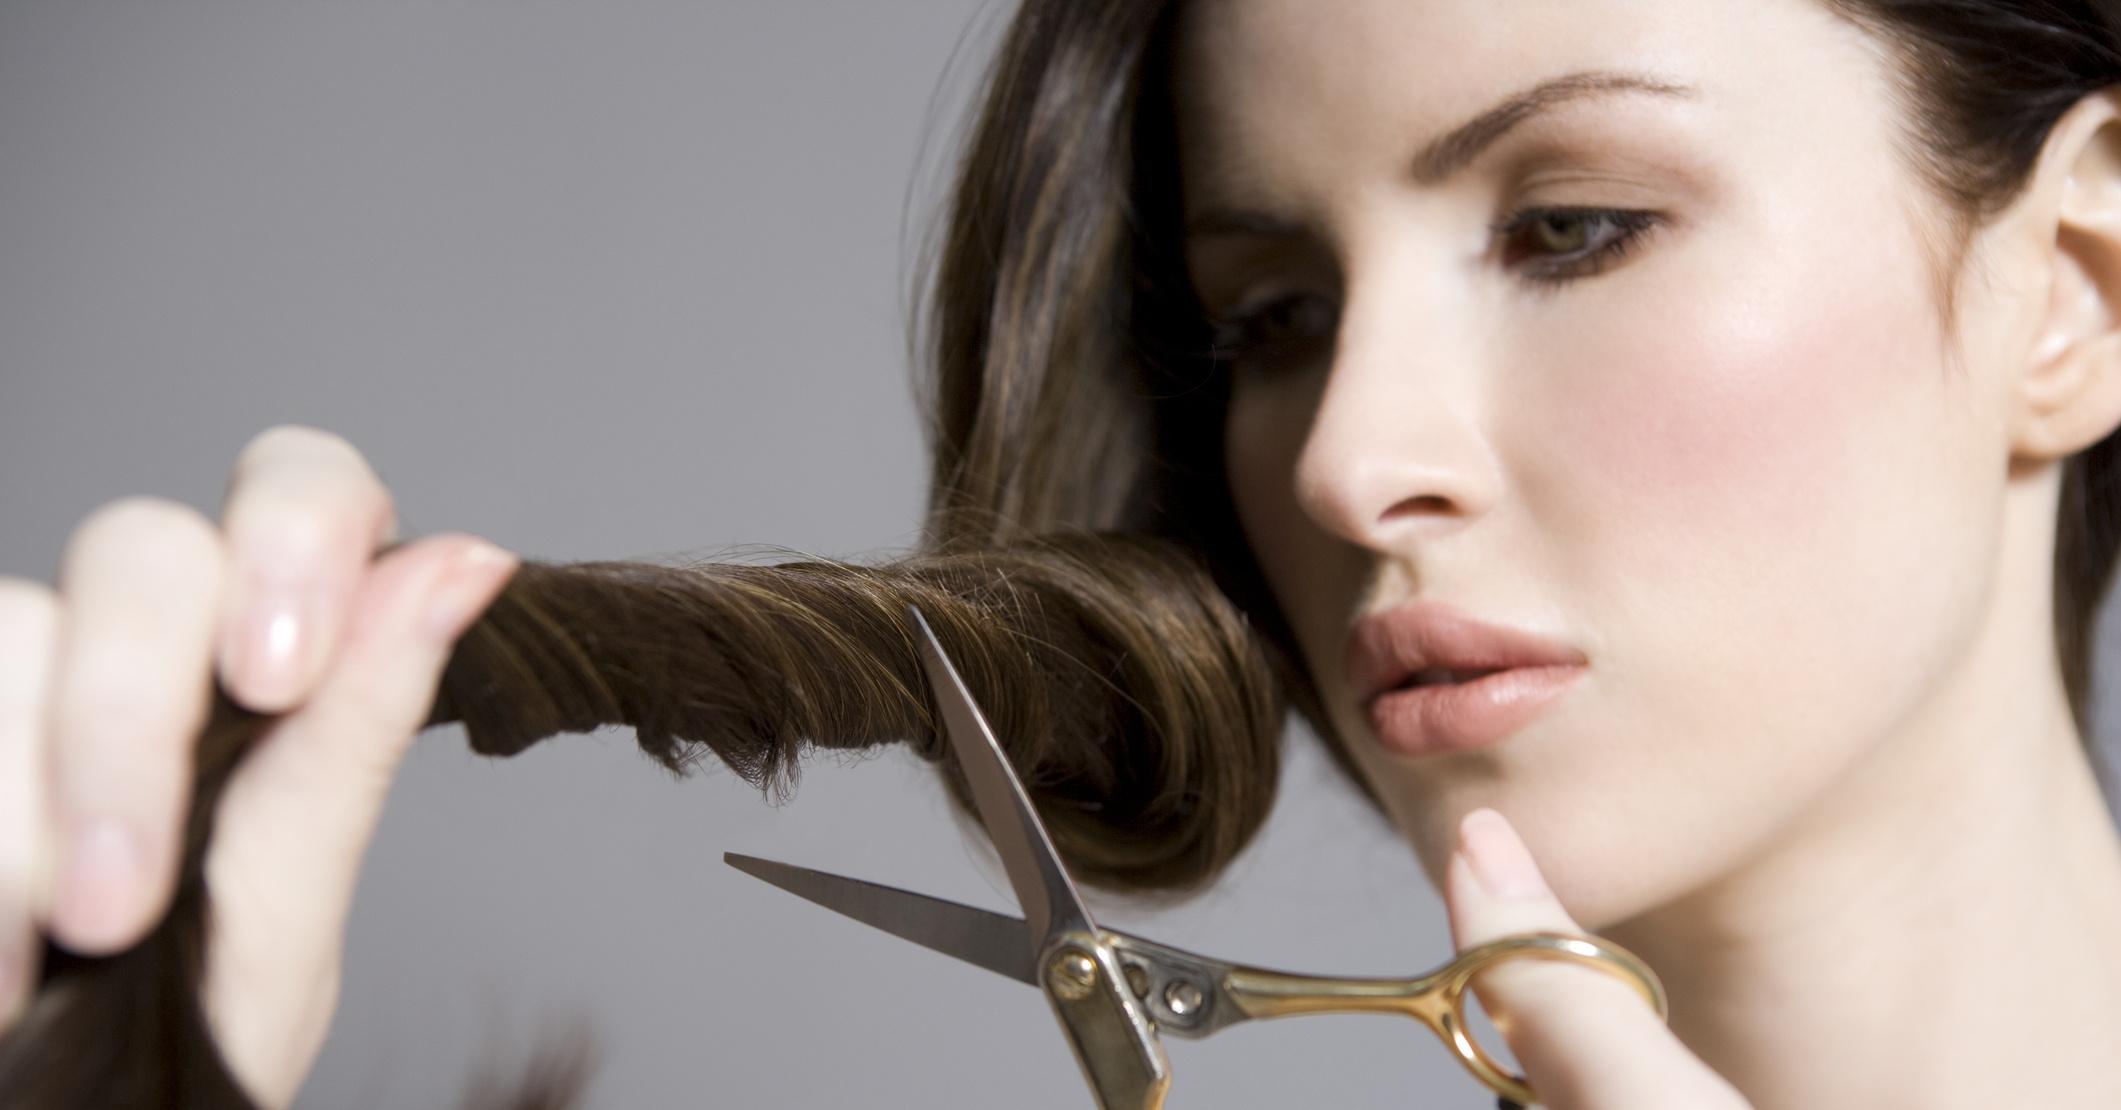 К чему снится стричь волосы кому либо